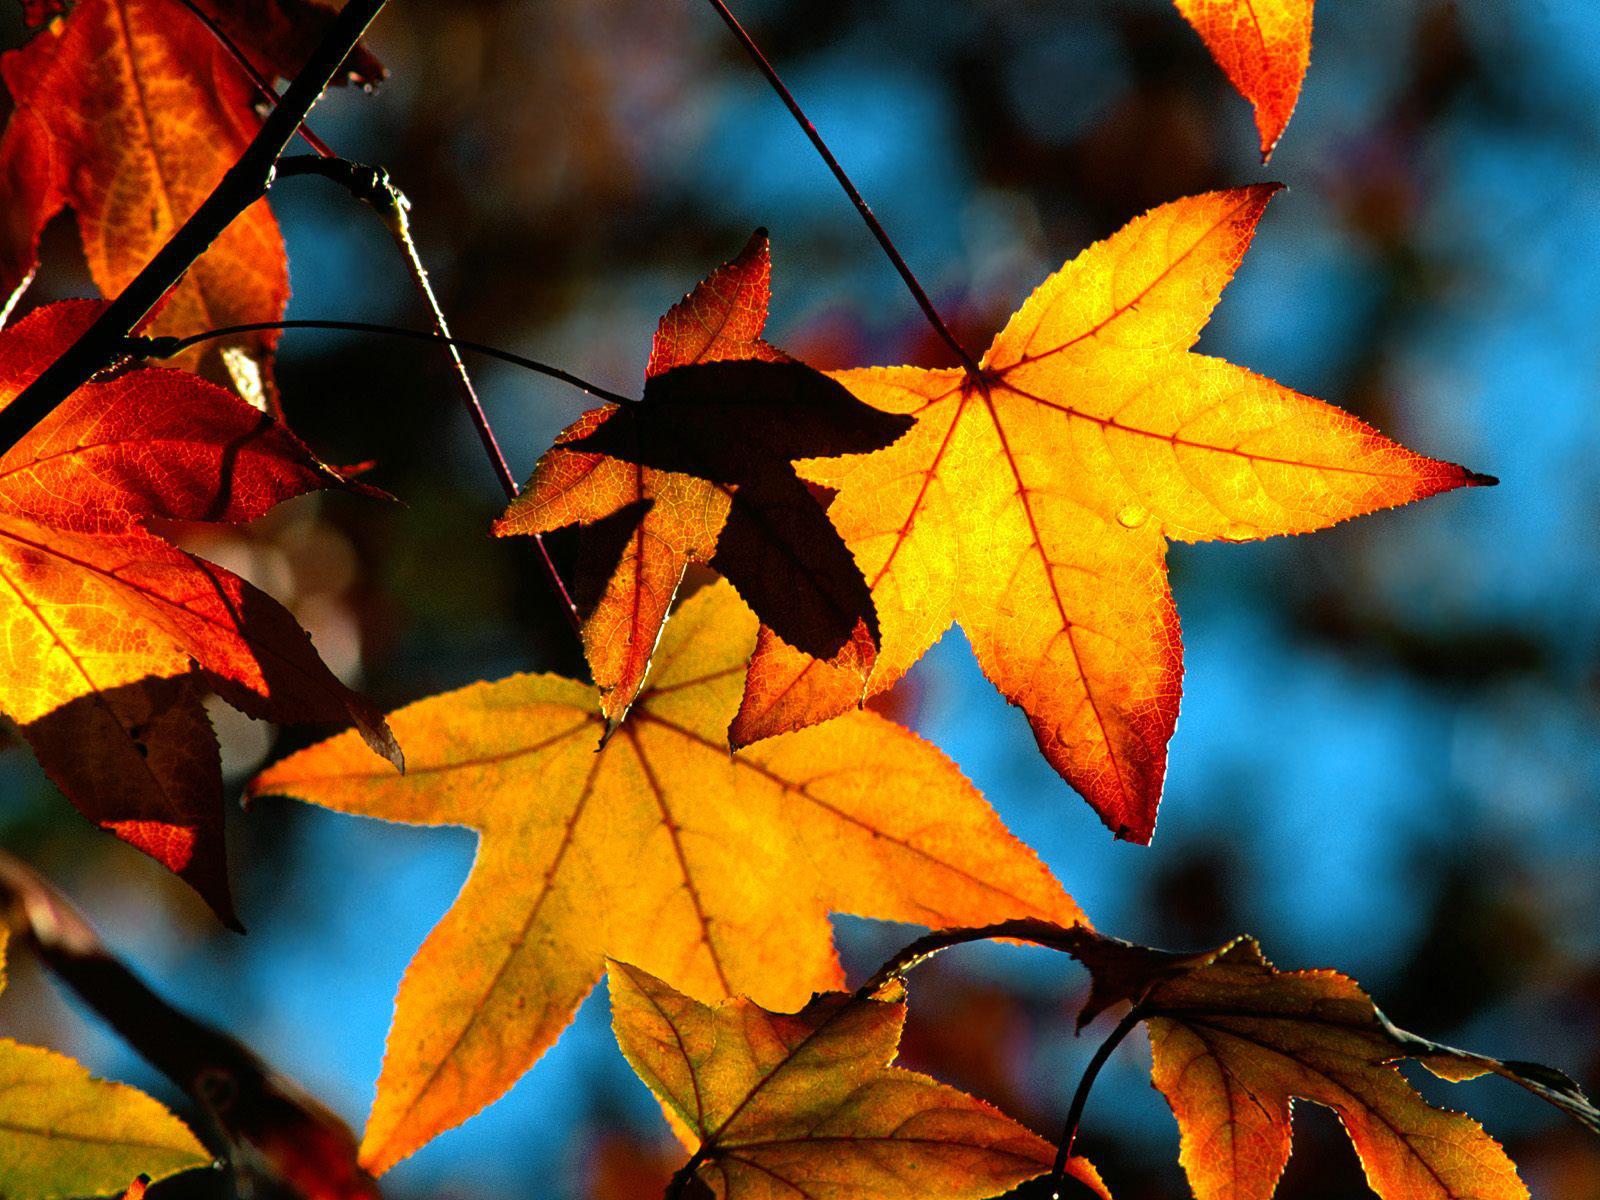 autumn-leaves-light-wallpaper.jpg